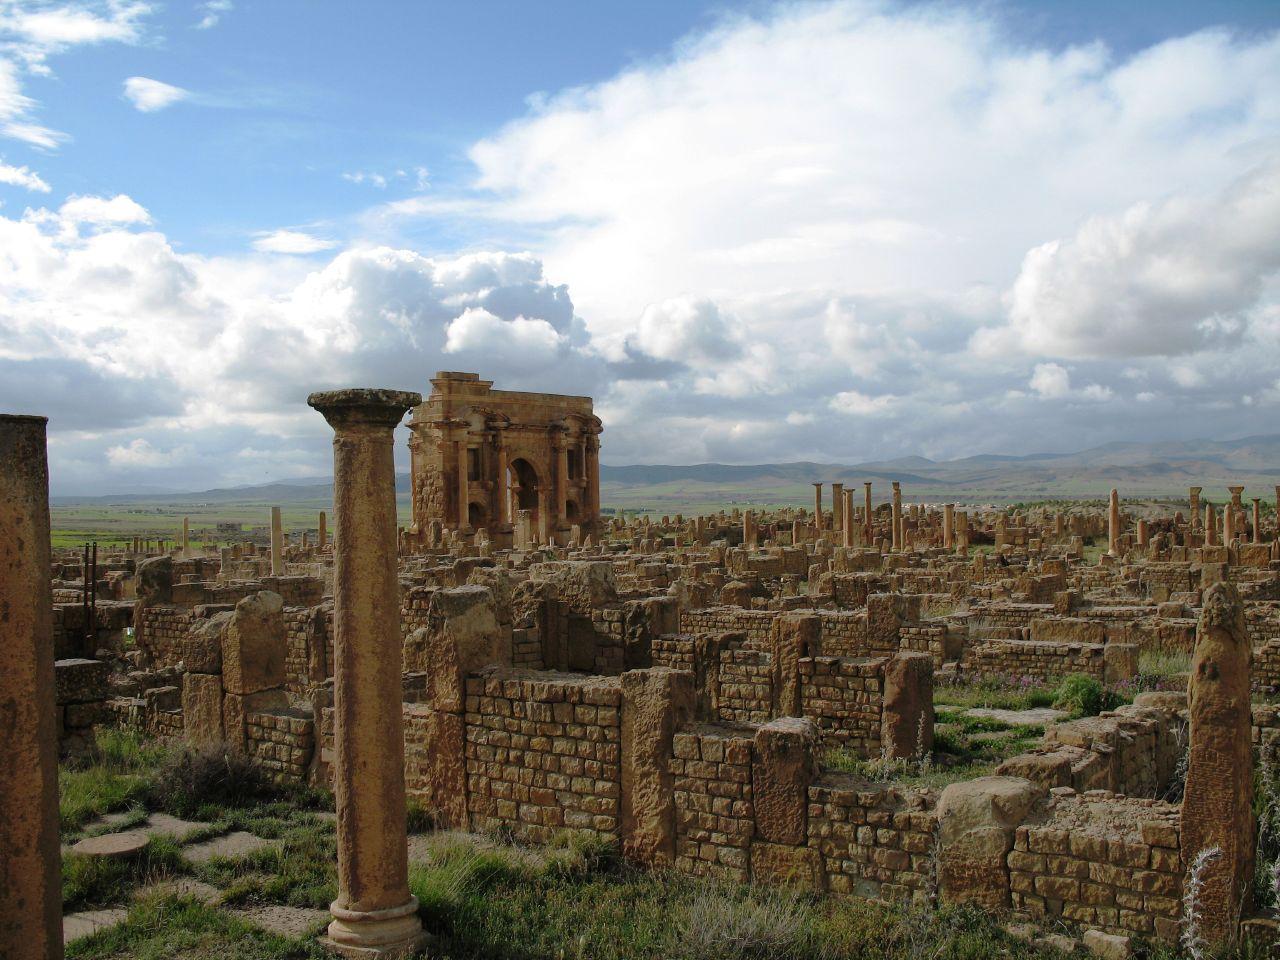 ティムガッドは古代ローマの植民都市です。